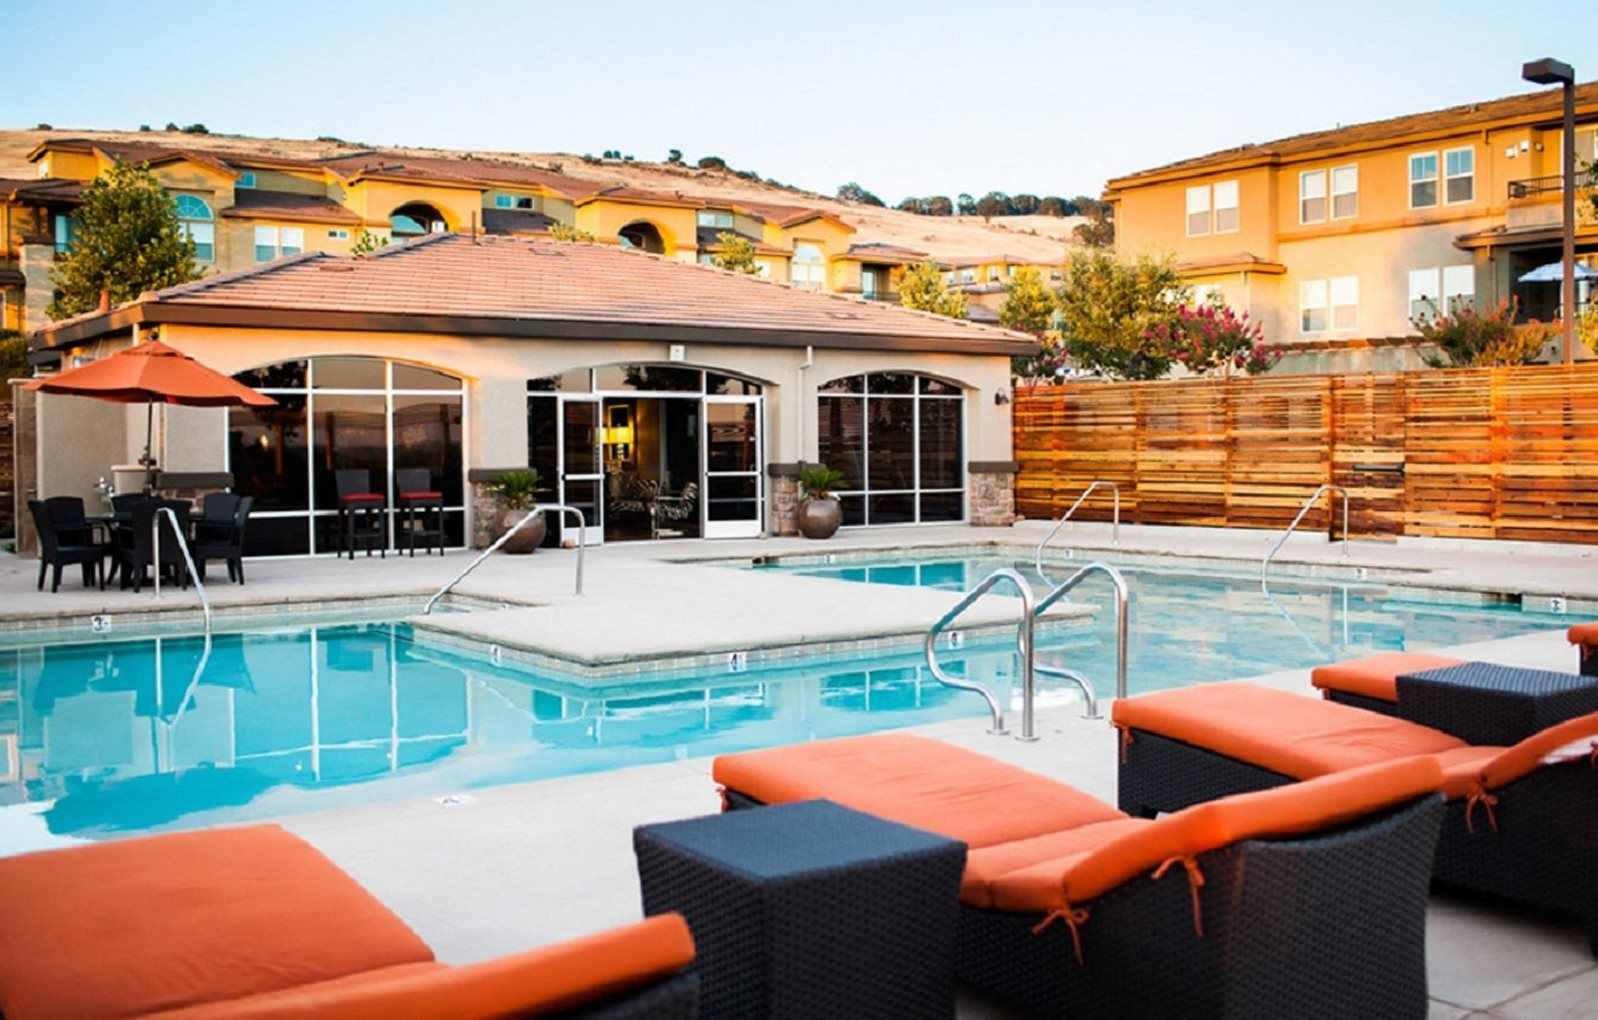 Pool and lounge chairs l Lesarra Apartment in El Dorado Hills Ca